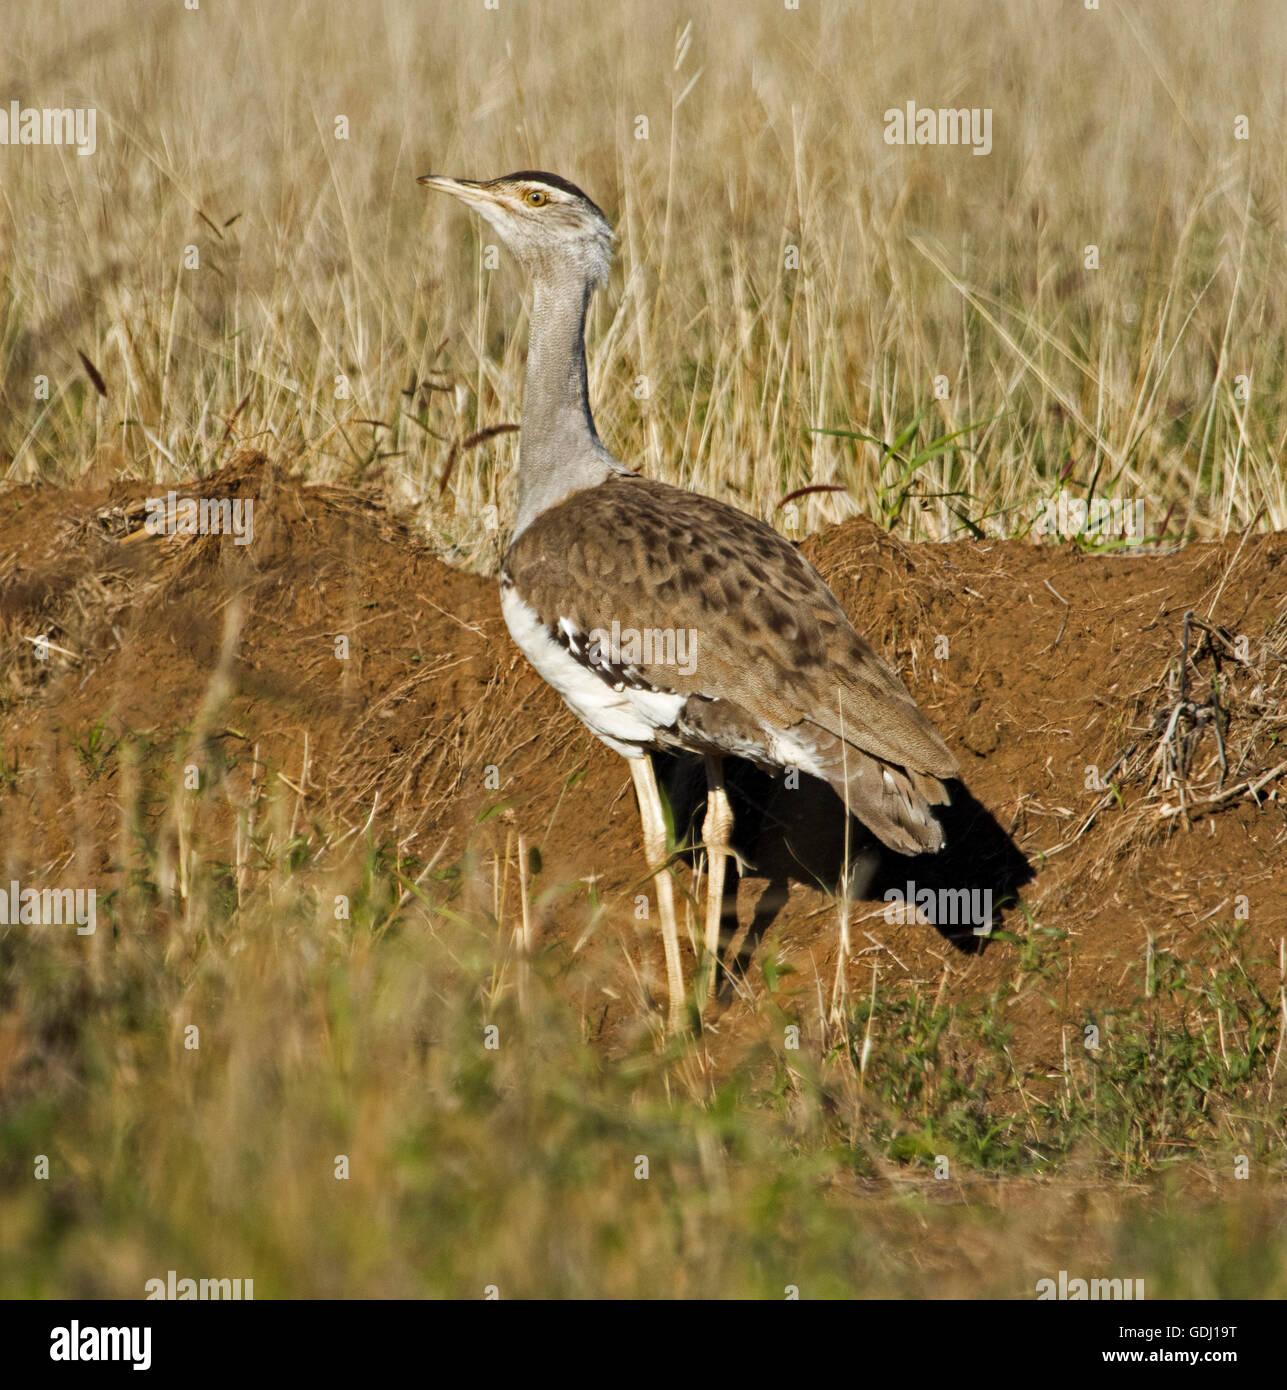 Australian bustard / plains Turquie Ardeotis australis, grand oiseau brun avec expression hautaine sur les prairies Photo Stock